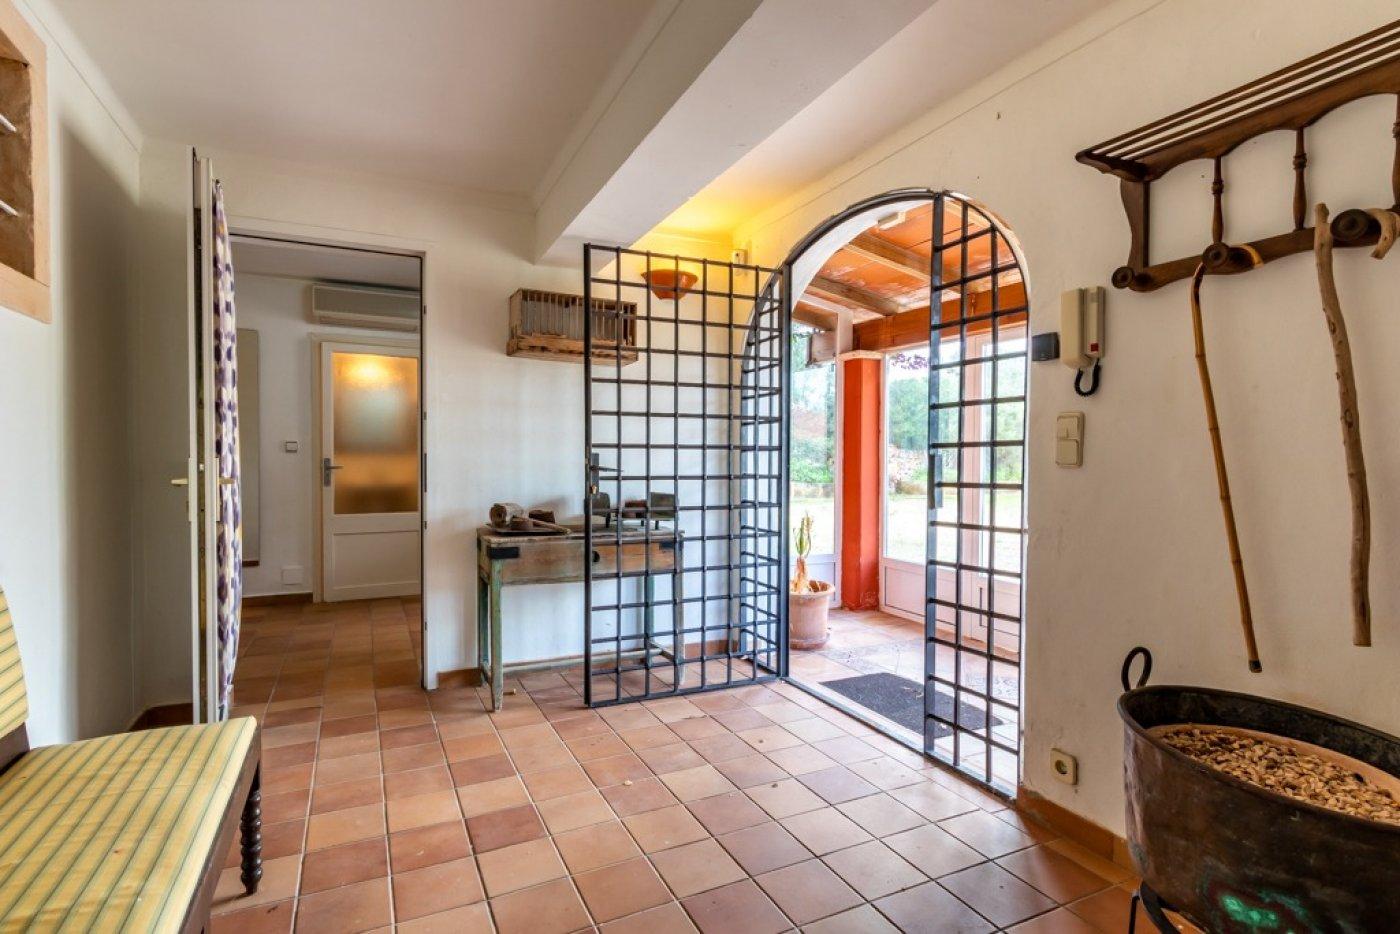 Magnifica villa en ses salines - can somni - ideal inversores turÍsticos - imagenInmueble9